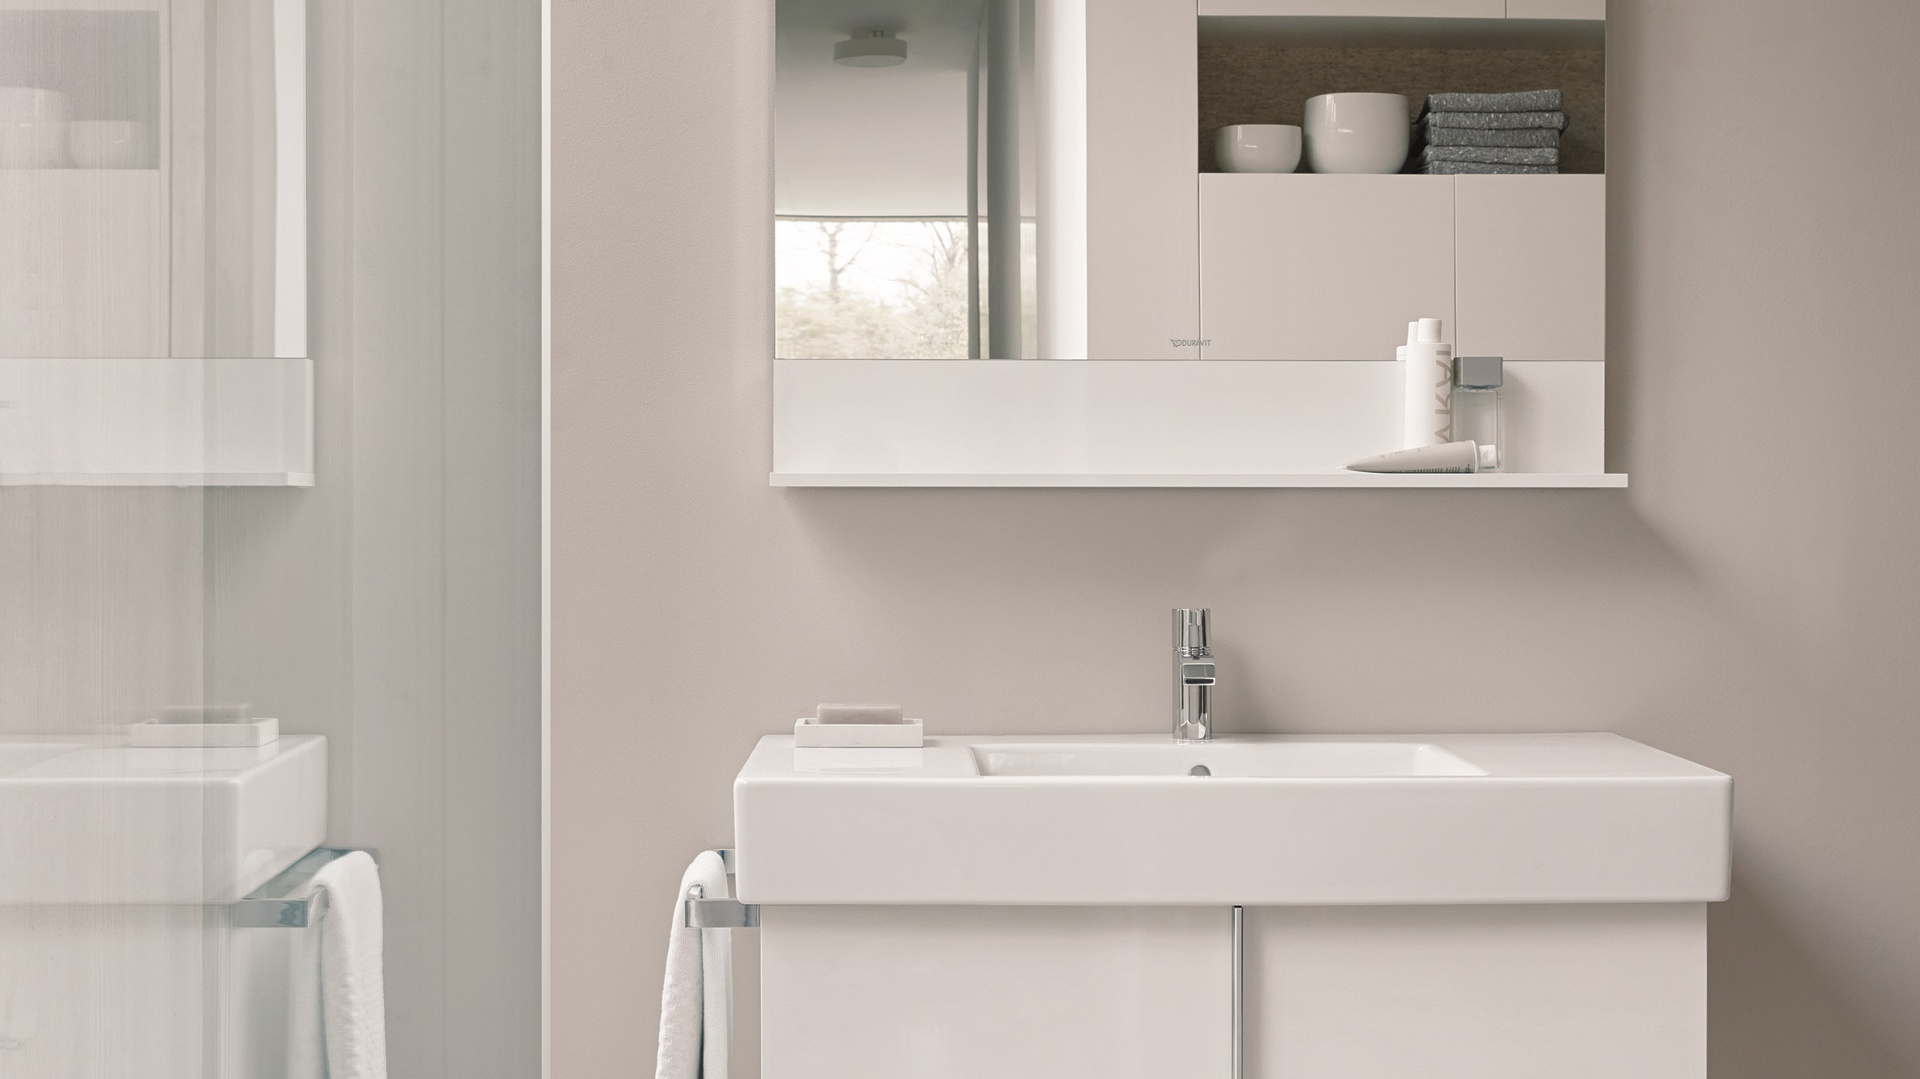 Lustra Do łazienki Zobacz Co Można Kupić